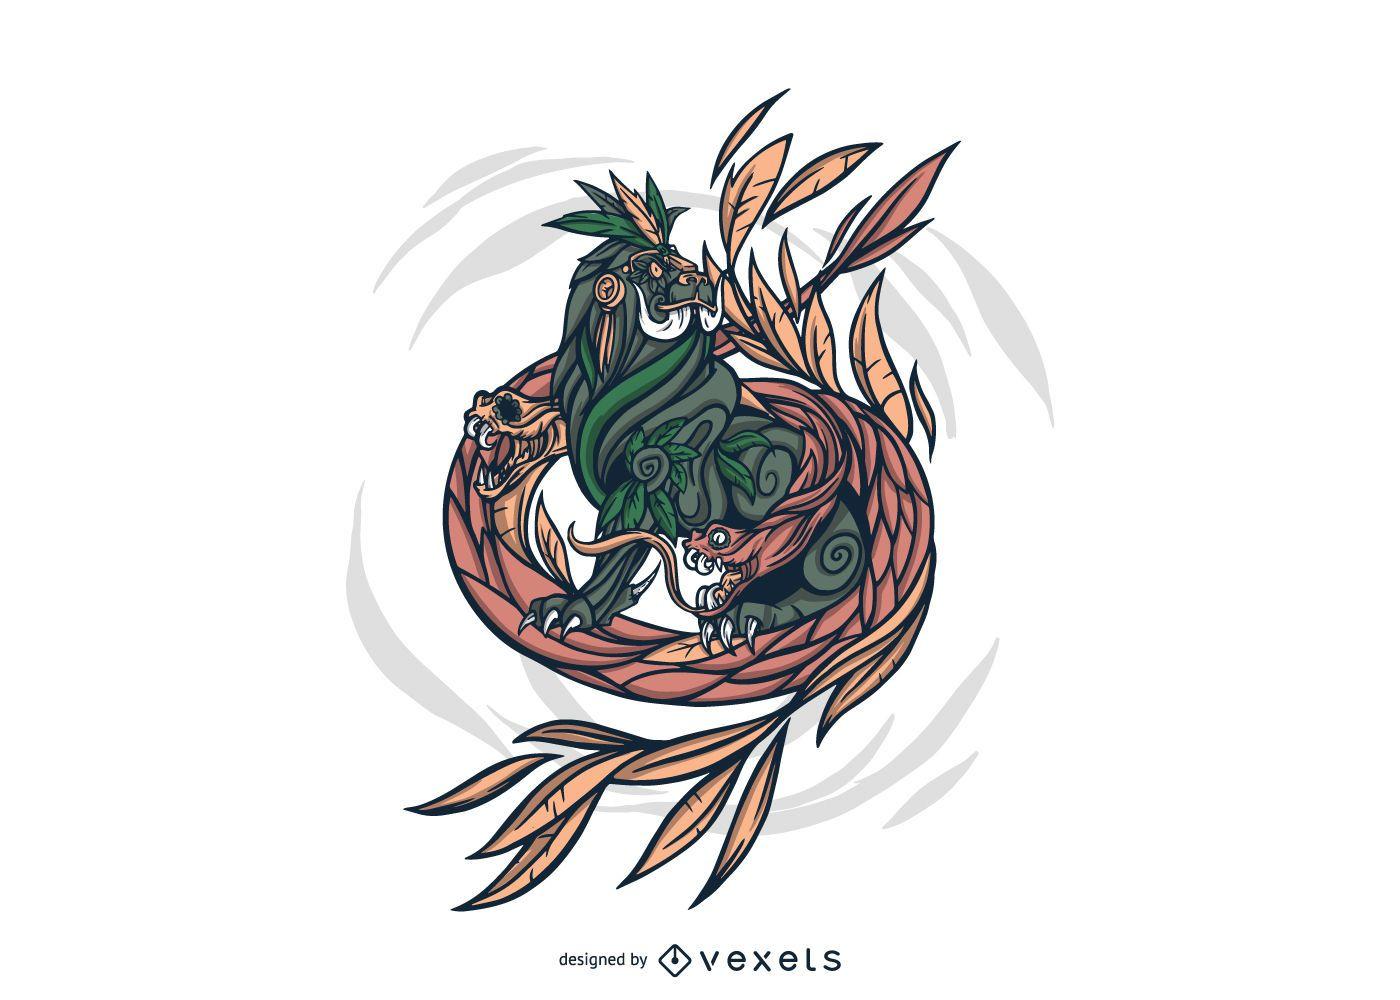 Mythological Hydra Creature Illustration